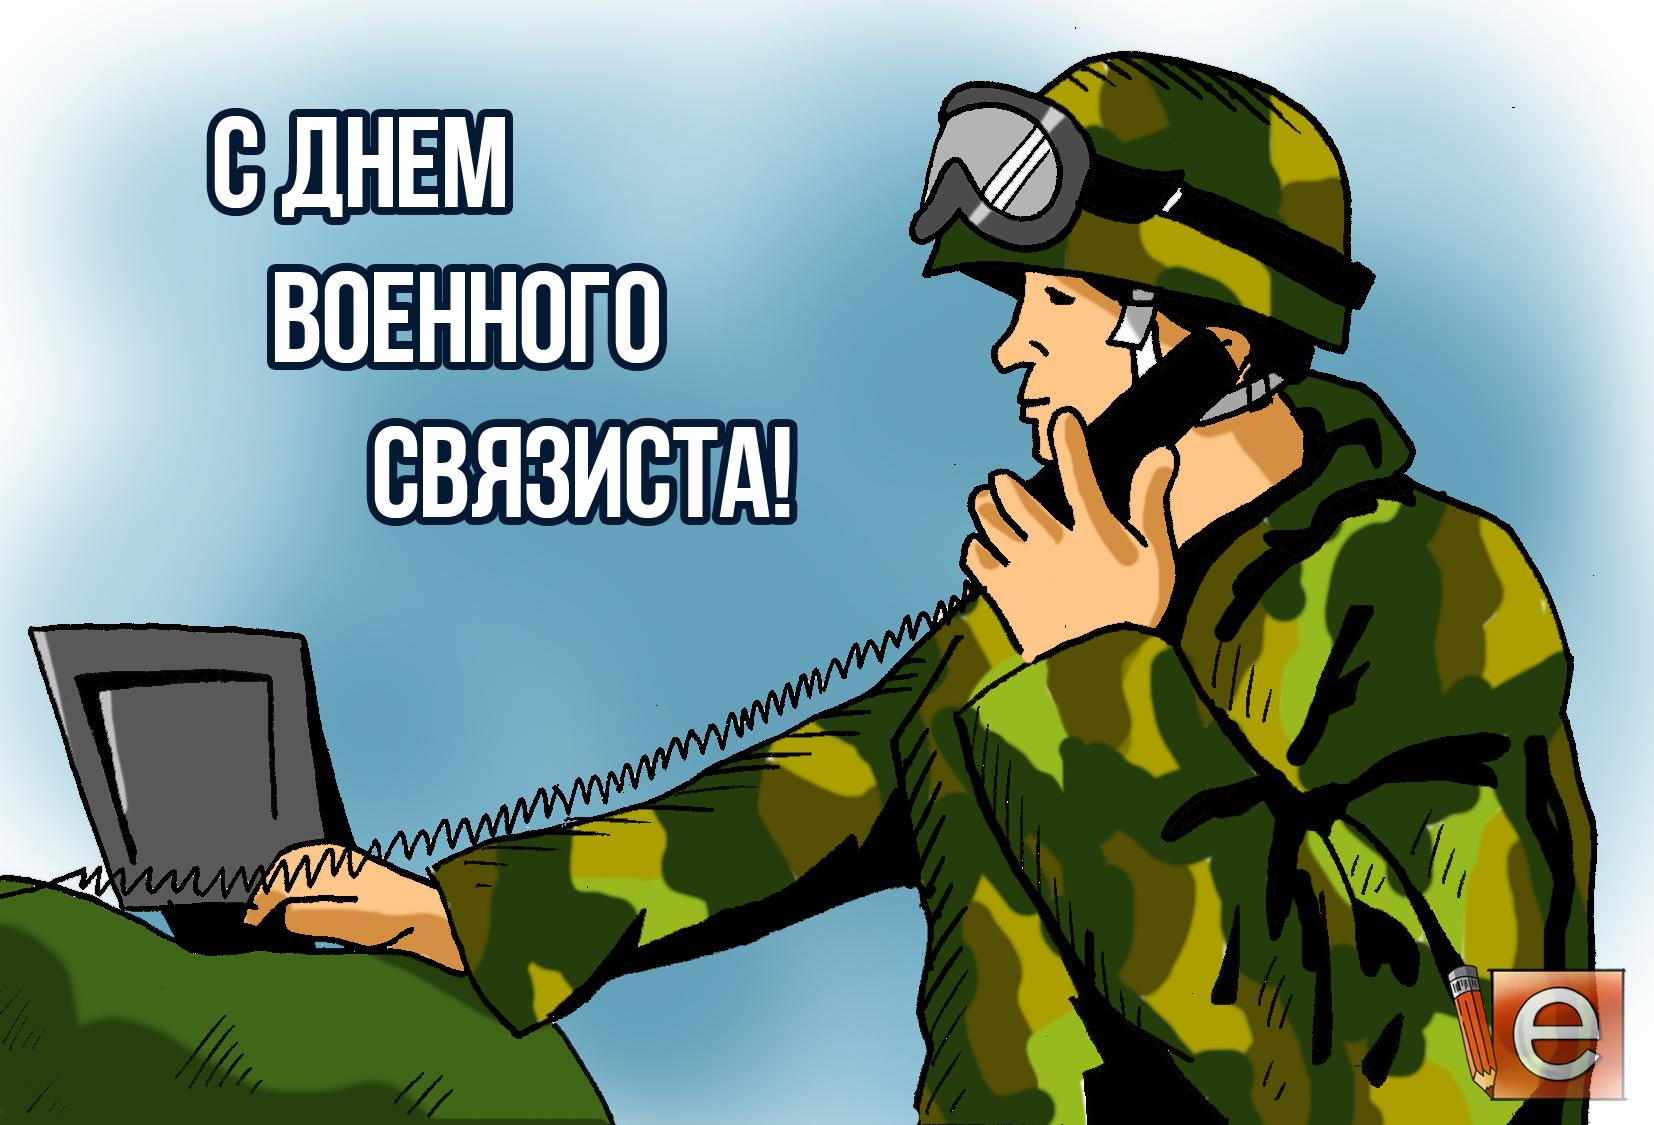 Поздравления с днём военного связиста в прозе